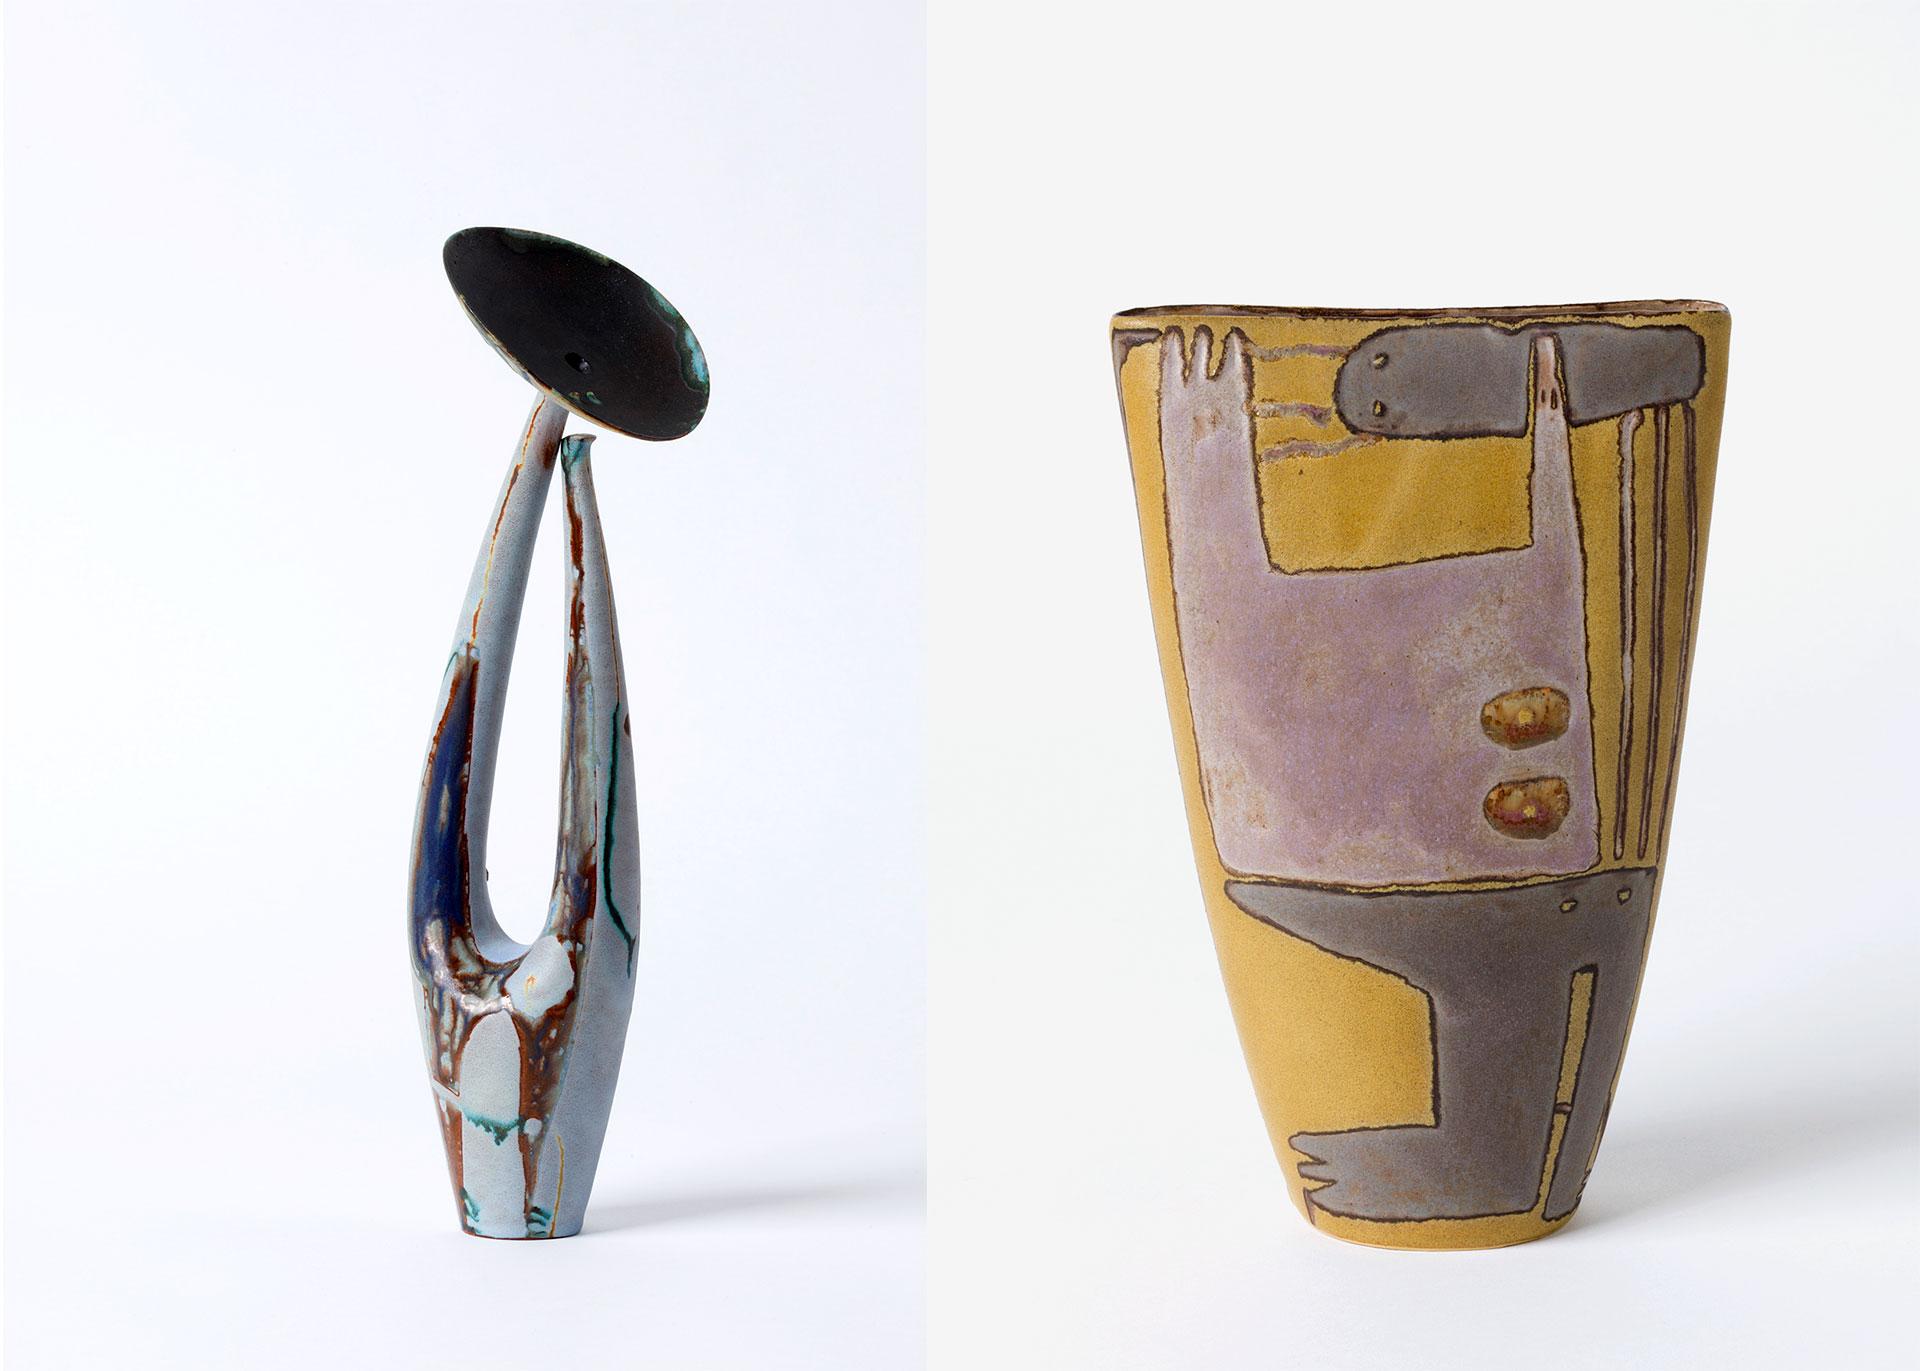 Beate Kuhn, Vase, Keramik, Steinzeug, Die Nachdenkliche